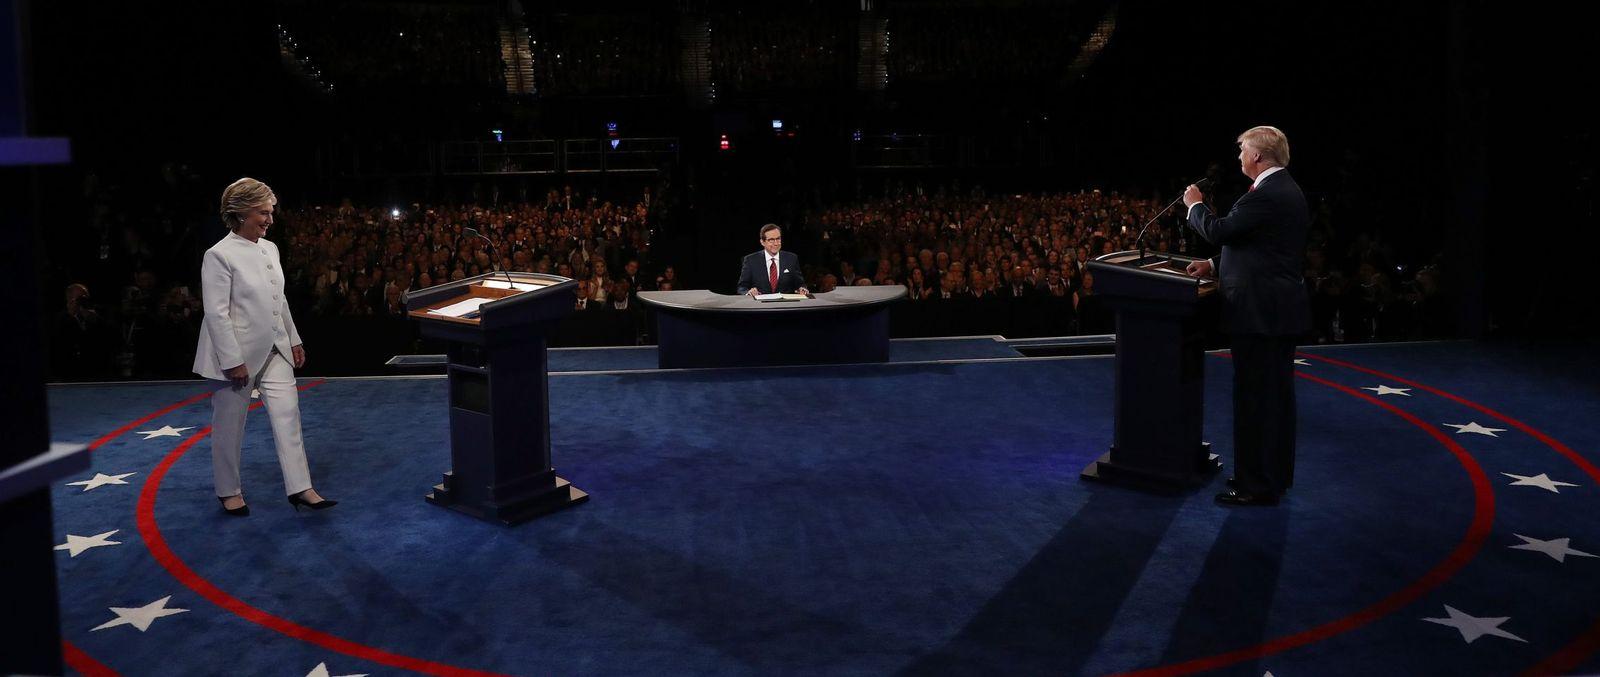 Foto: La candidata a la presidencia de EEUU por el partido Demócrata Hillary Clinton (i) y su rival del partido Republicano Donald Trump (d) durante el debate (Efe).